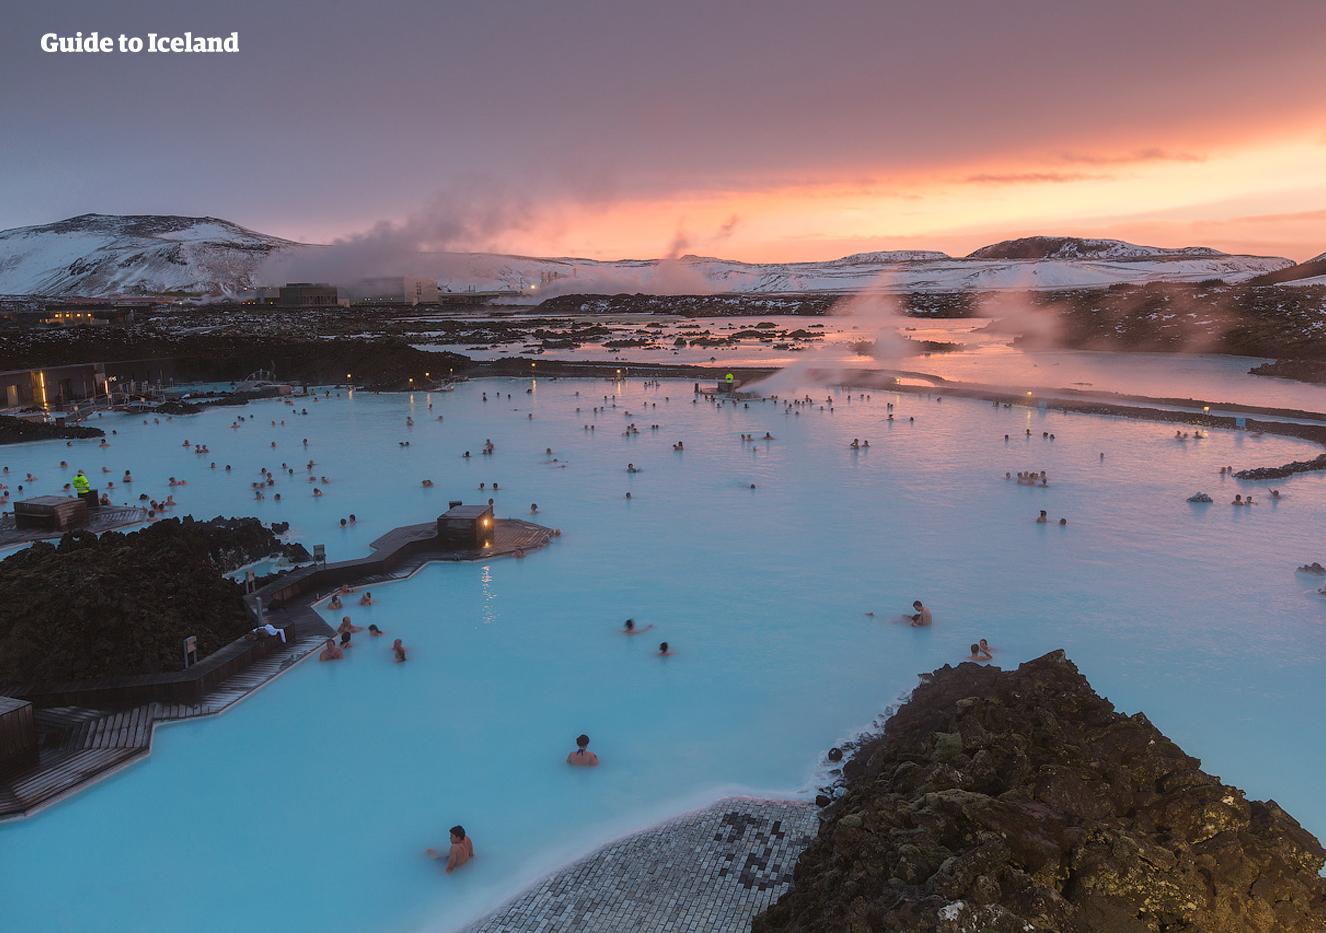 蓝湖温泉是冰岛最著名的旅游景点之一。